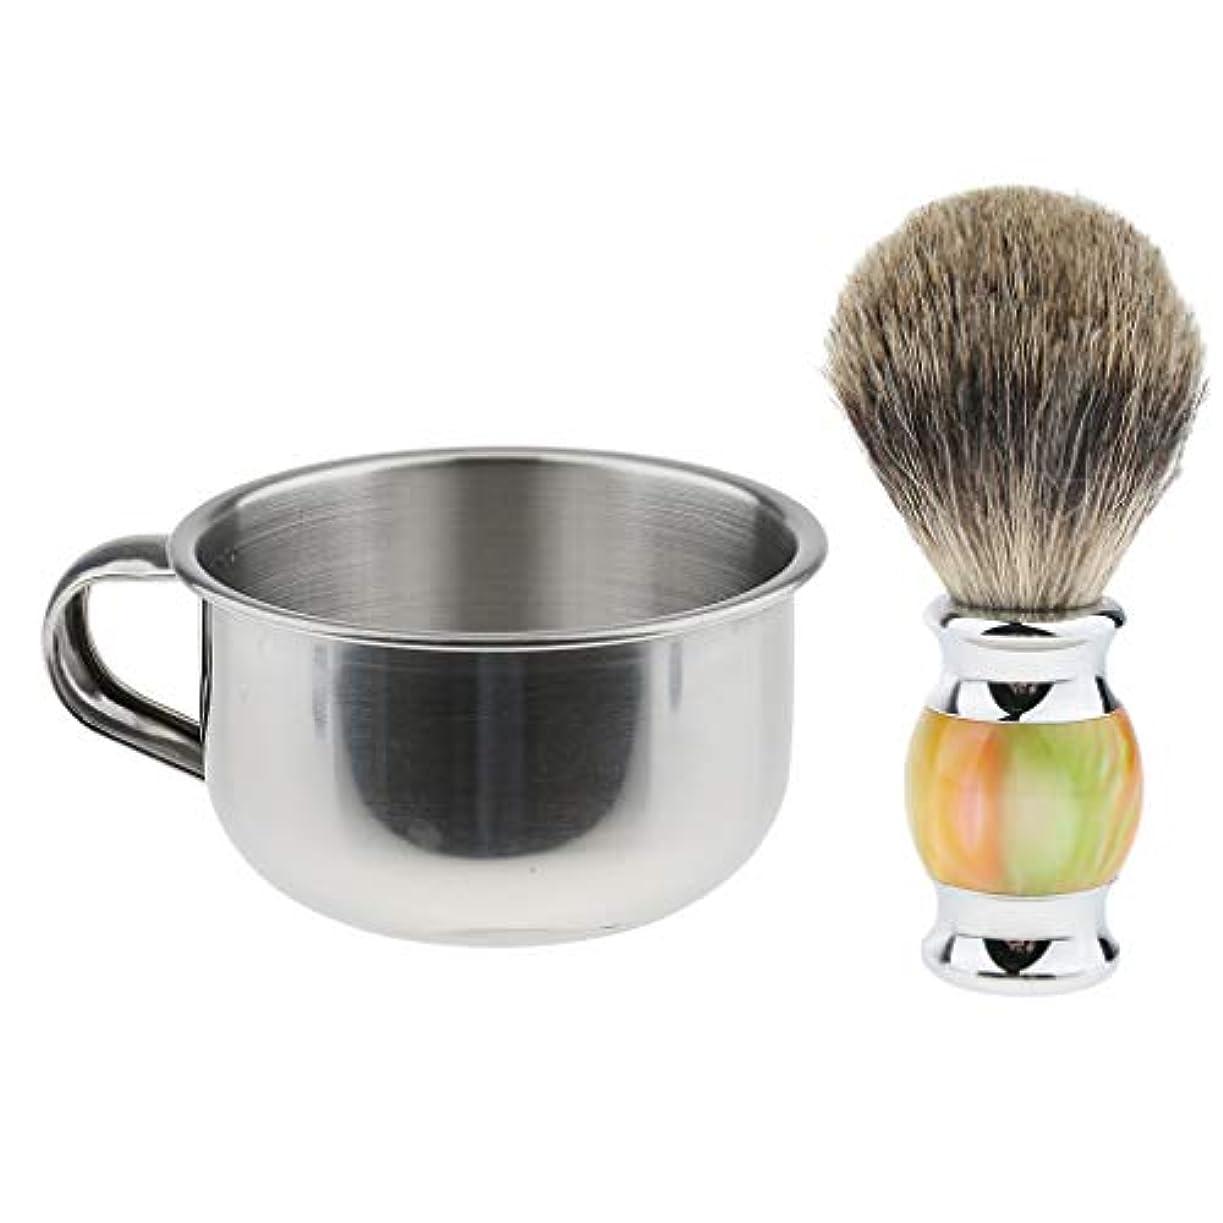 方言マディソン日帰り旅行にdailymall ハンドルが付いている8cmのステンレス鋼の人の剃るボールのコップのマグ+剃るブラシセット